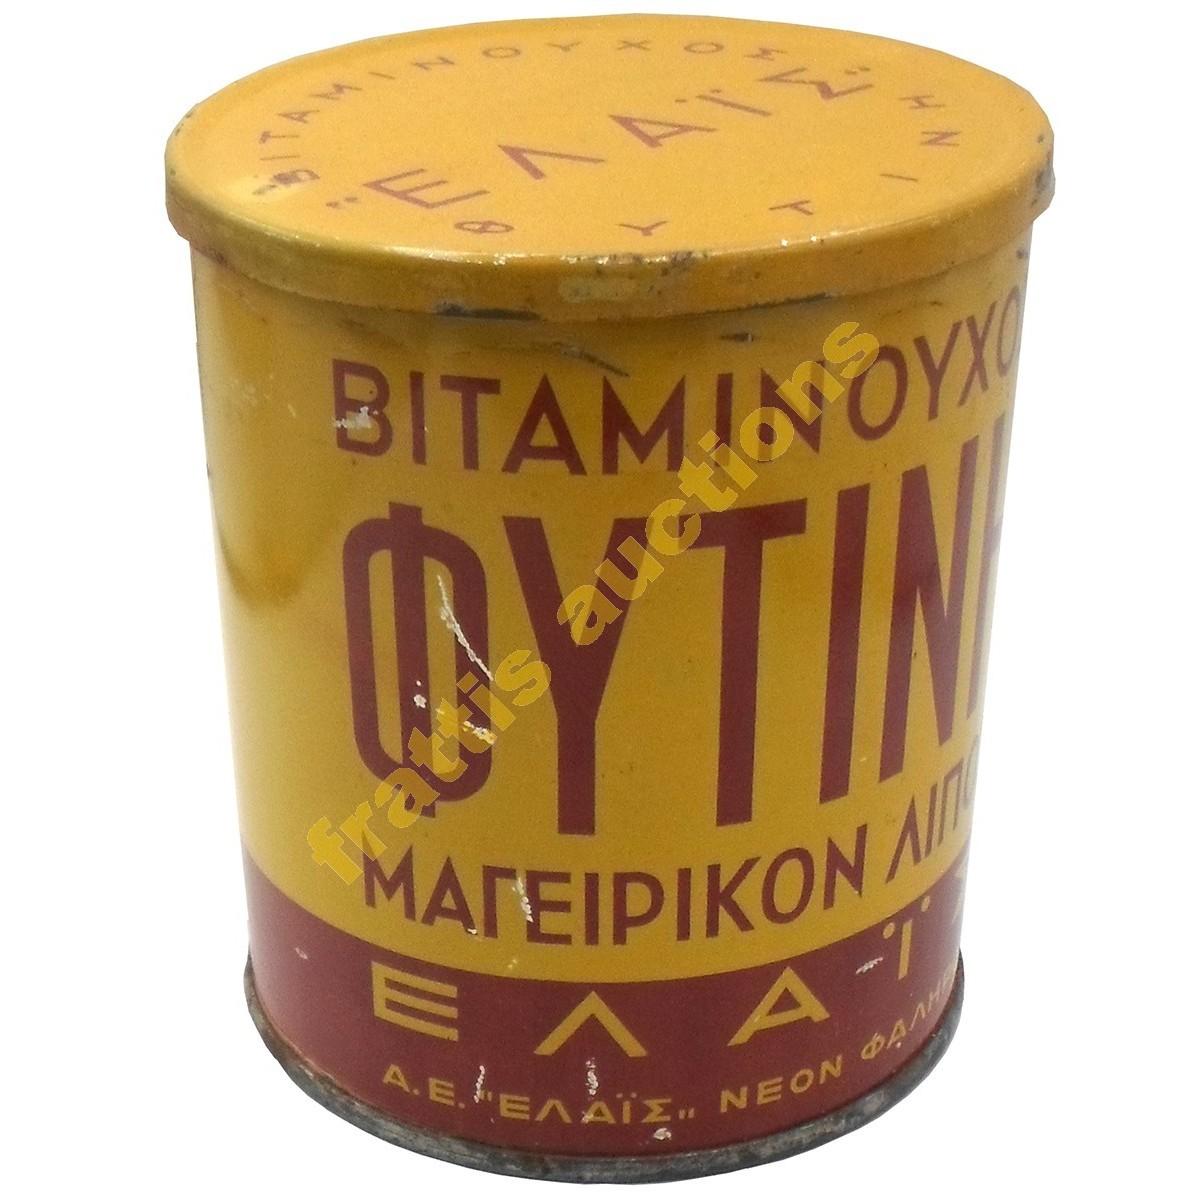 Βιταμινούχος Φυτίνη, ΕΛΑΪΣ, Μεταλλικό κουτί.